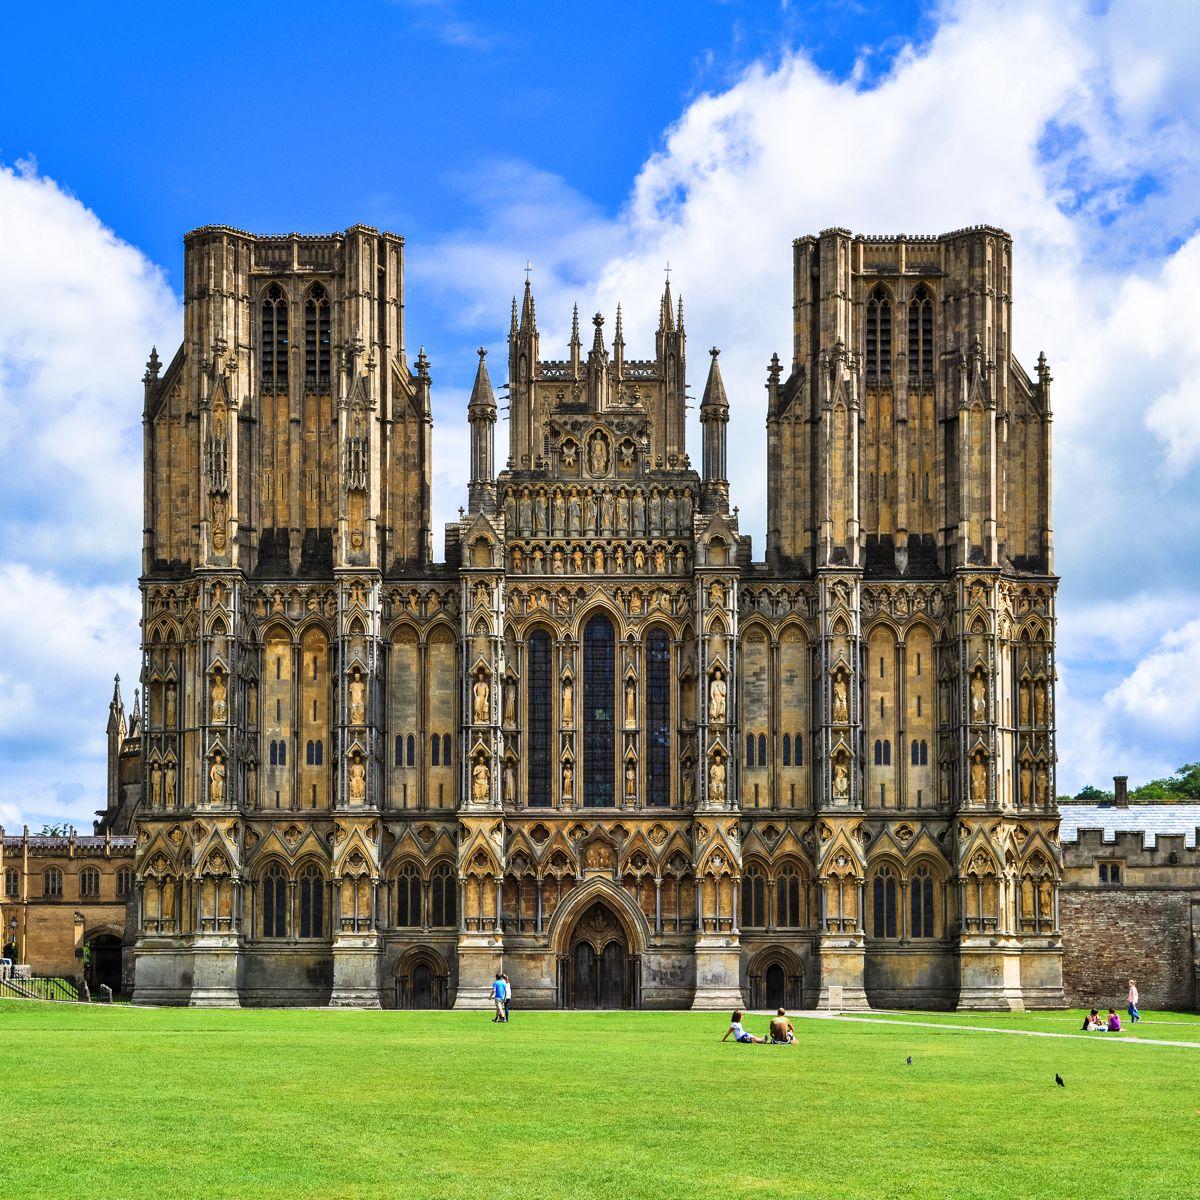 عمارة العصور الوسطى: أفضل نماذج العمارة القوطية